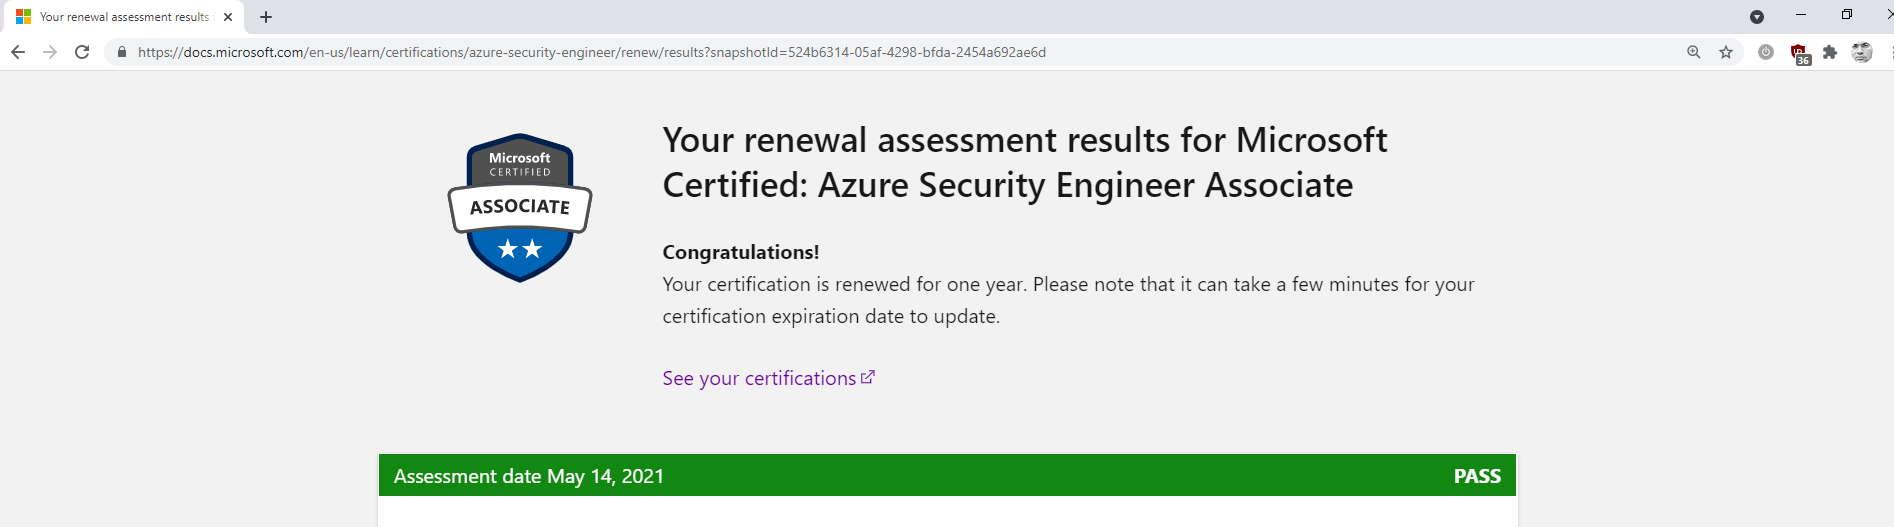 Notificación de que he aprobado el exámen de renovación de la certificación AZ-500 de Seguridad en Azure